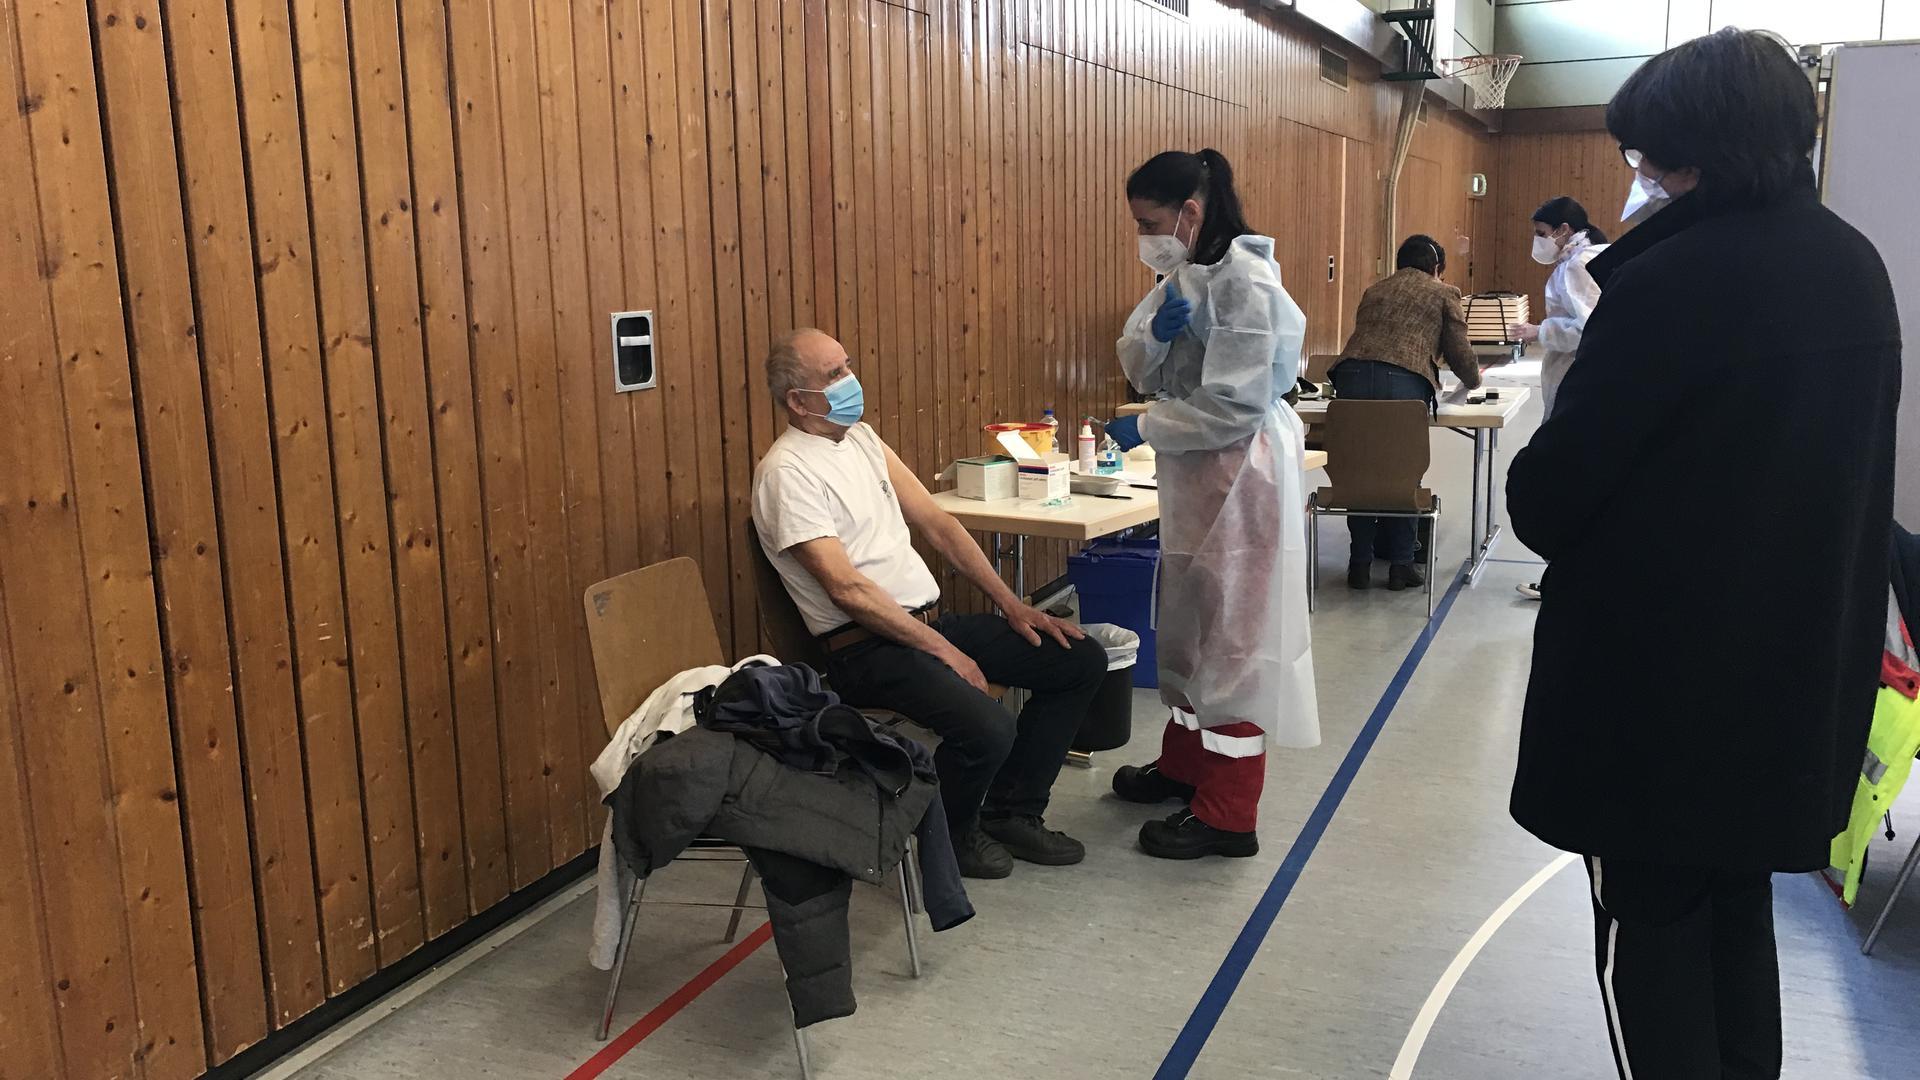 Die Bruchsaler Oberbürgermeistern Petzold-Schick bei einer Impfung durch mobile Impfteams in der Bundschuhhalle in Untergrombach.